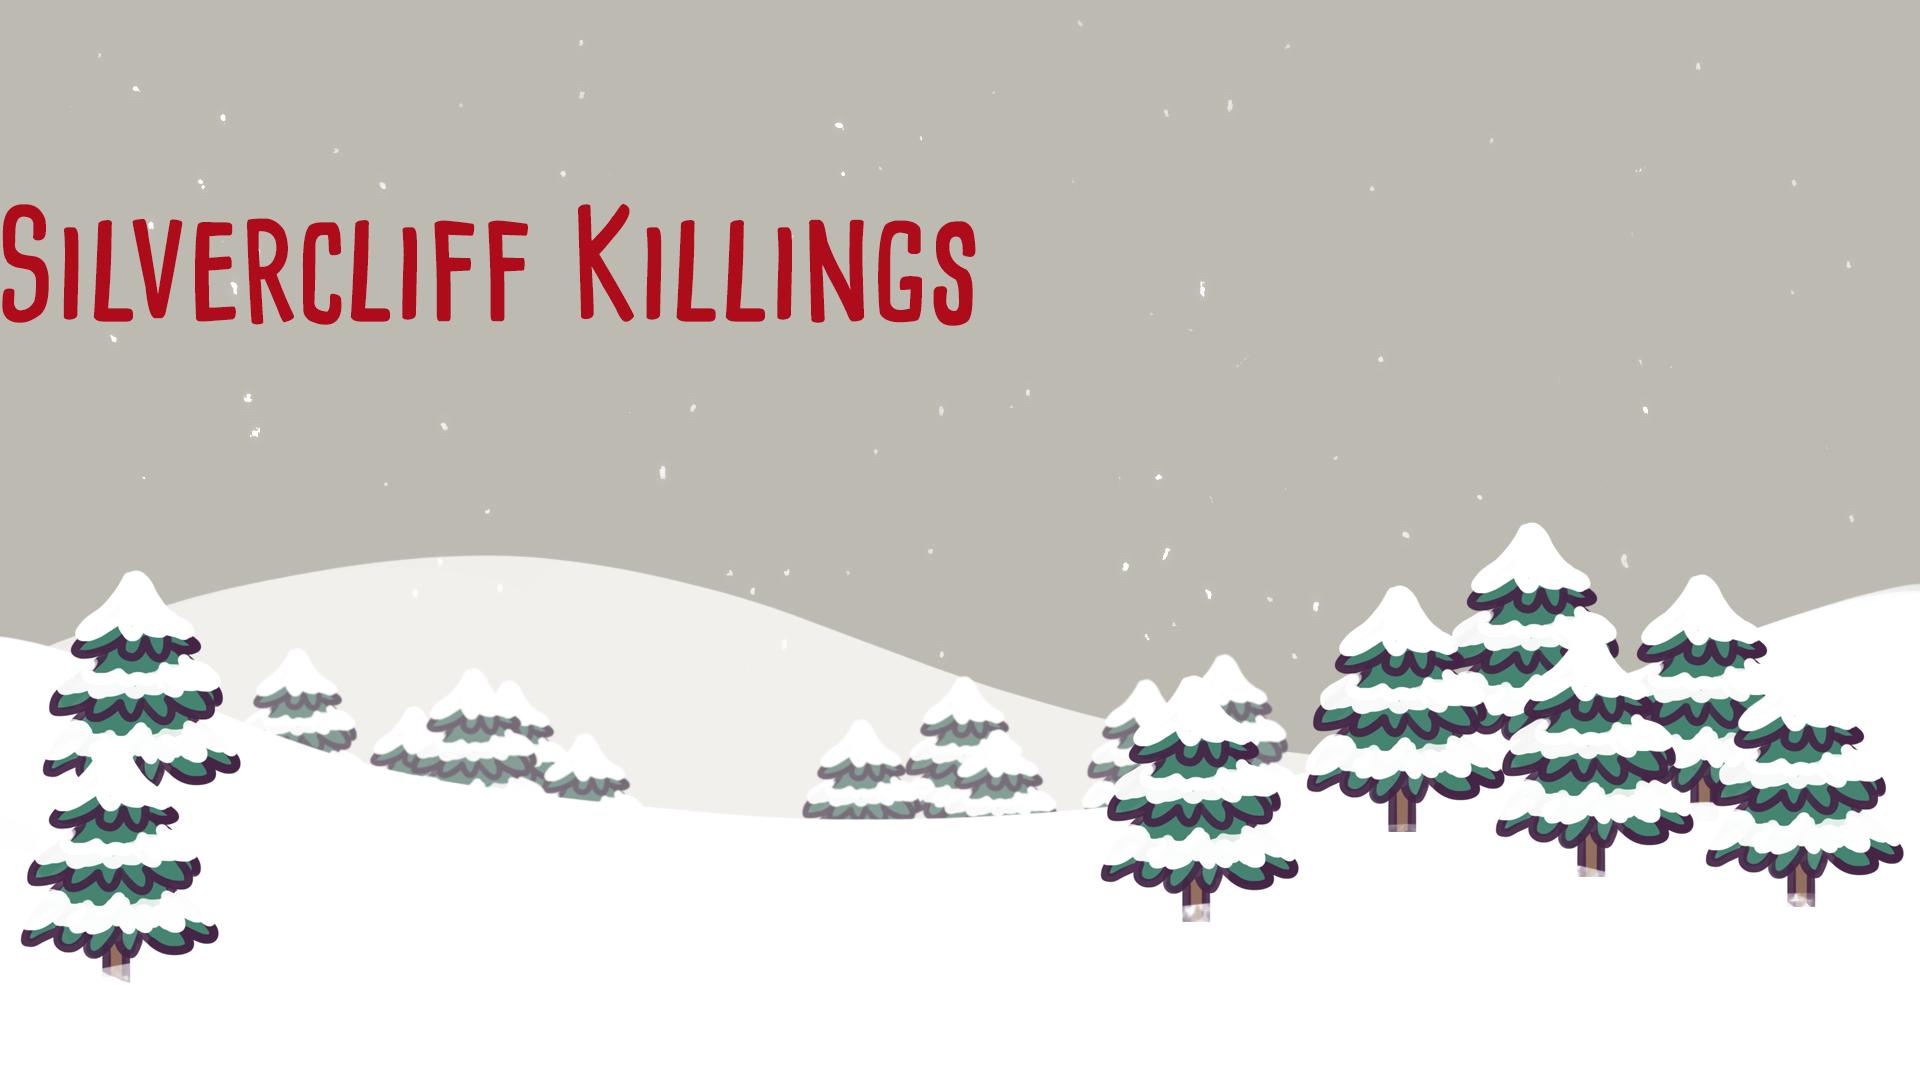 Silvercliff Killings